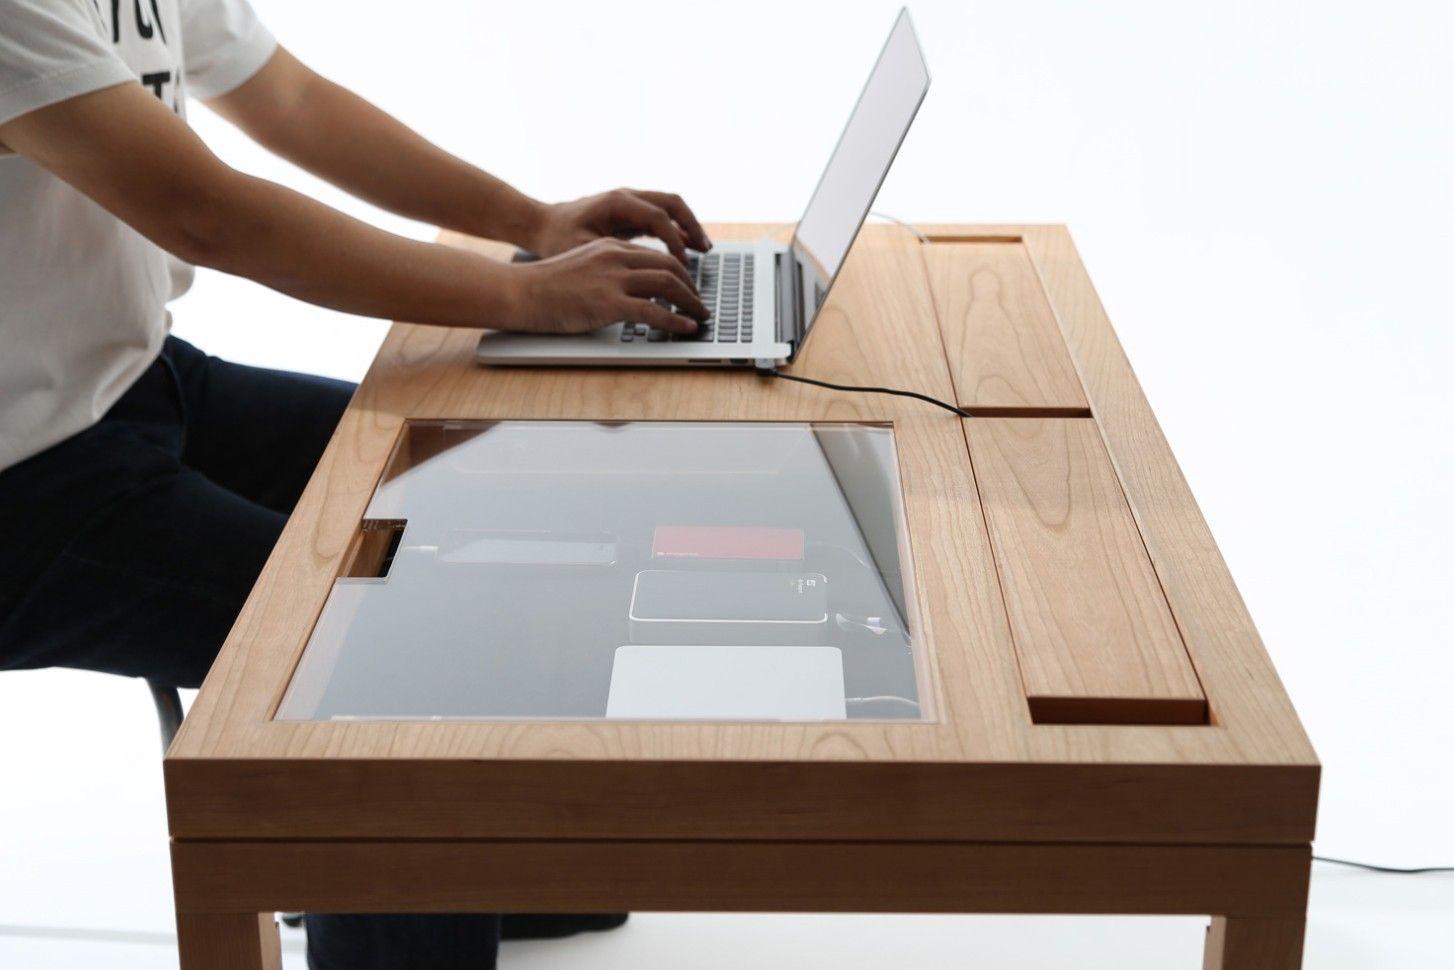 Bureau wt par consentable ไอเดียสำหรับบ้าน desks